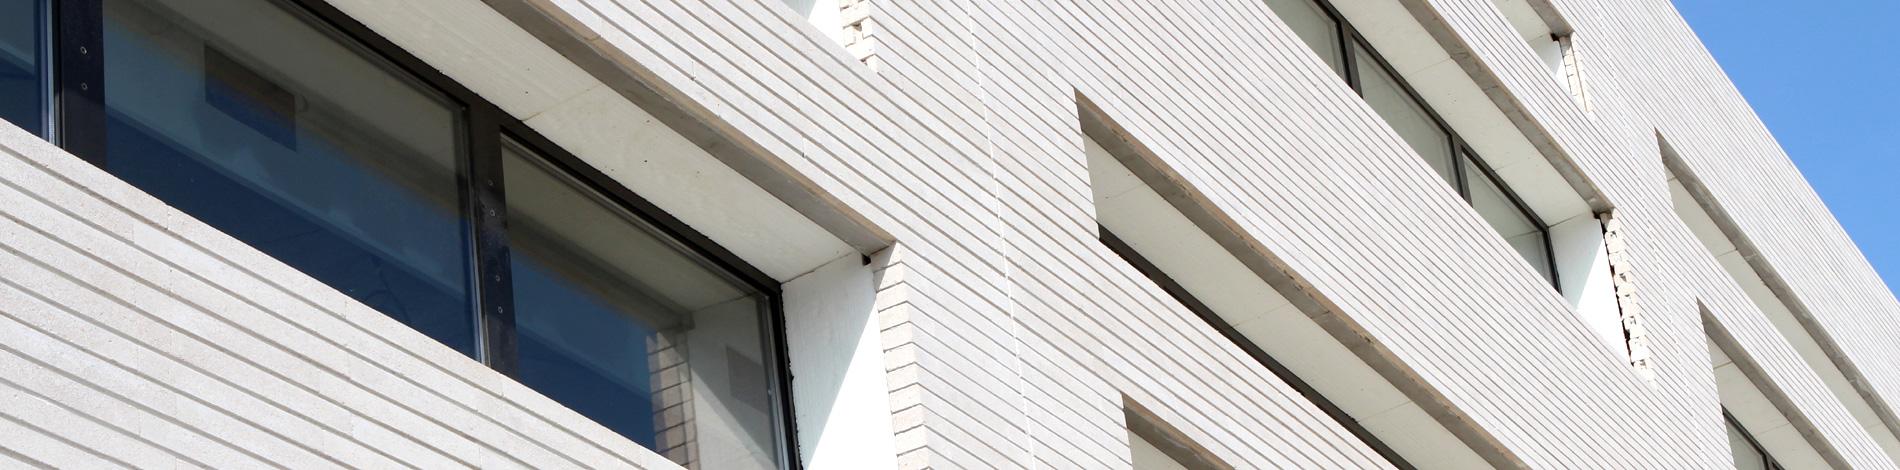 Agence ENIA Architecture à Montreuil (93) Bâtiment EGIS à Montpellier